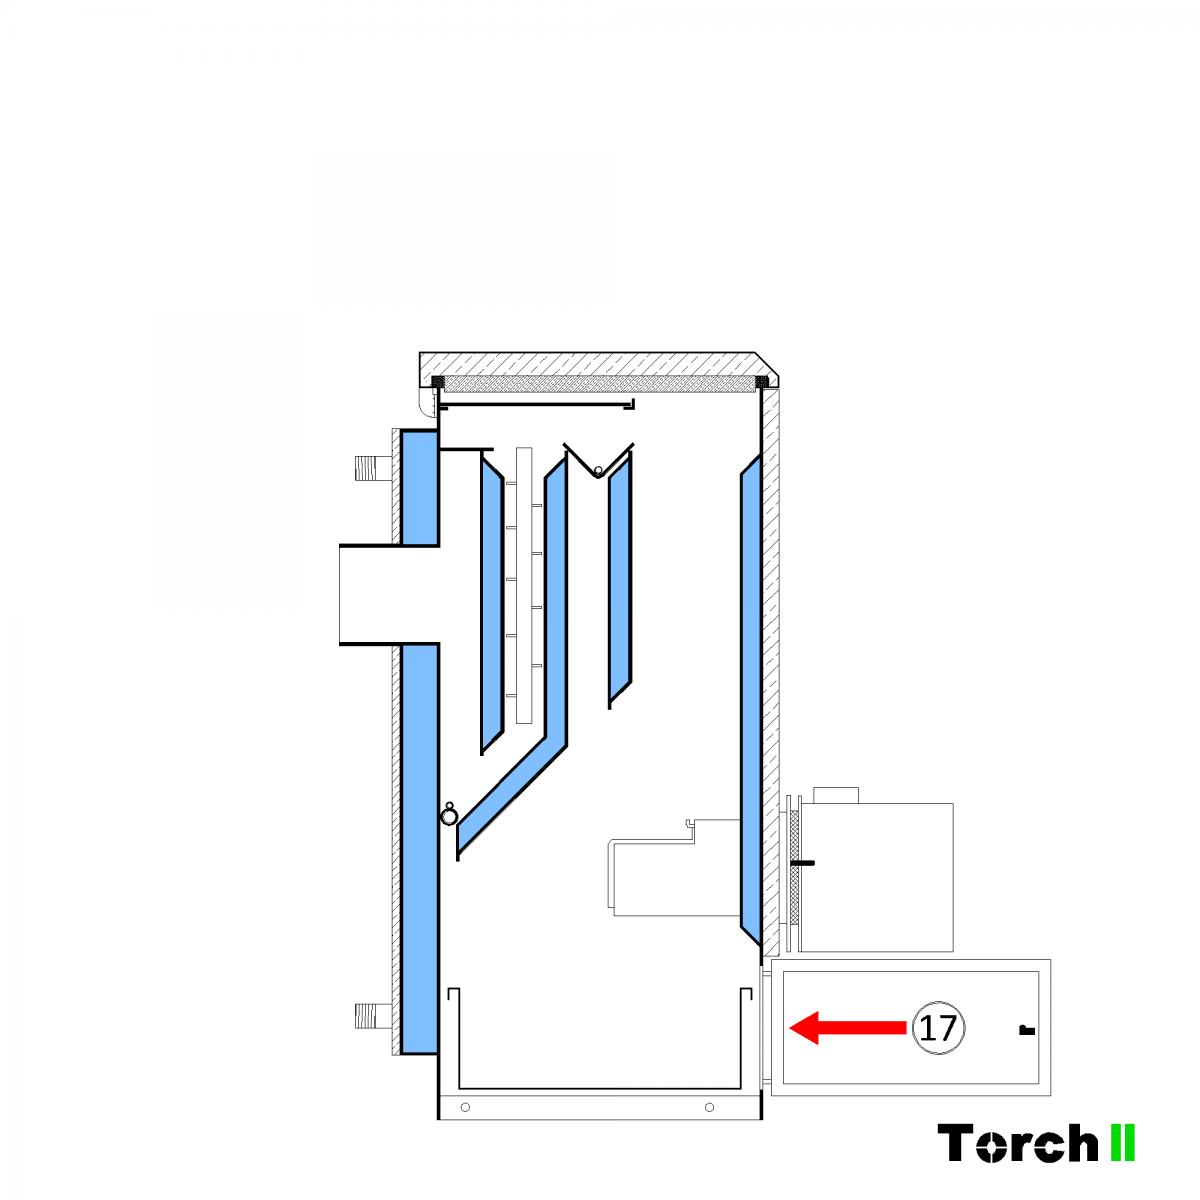 Почистване на пелетен котел Torch II - стъпка 14